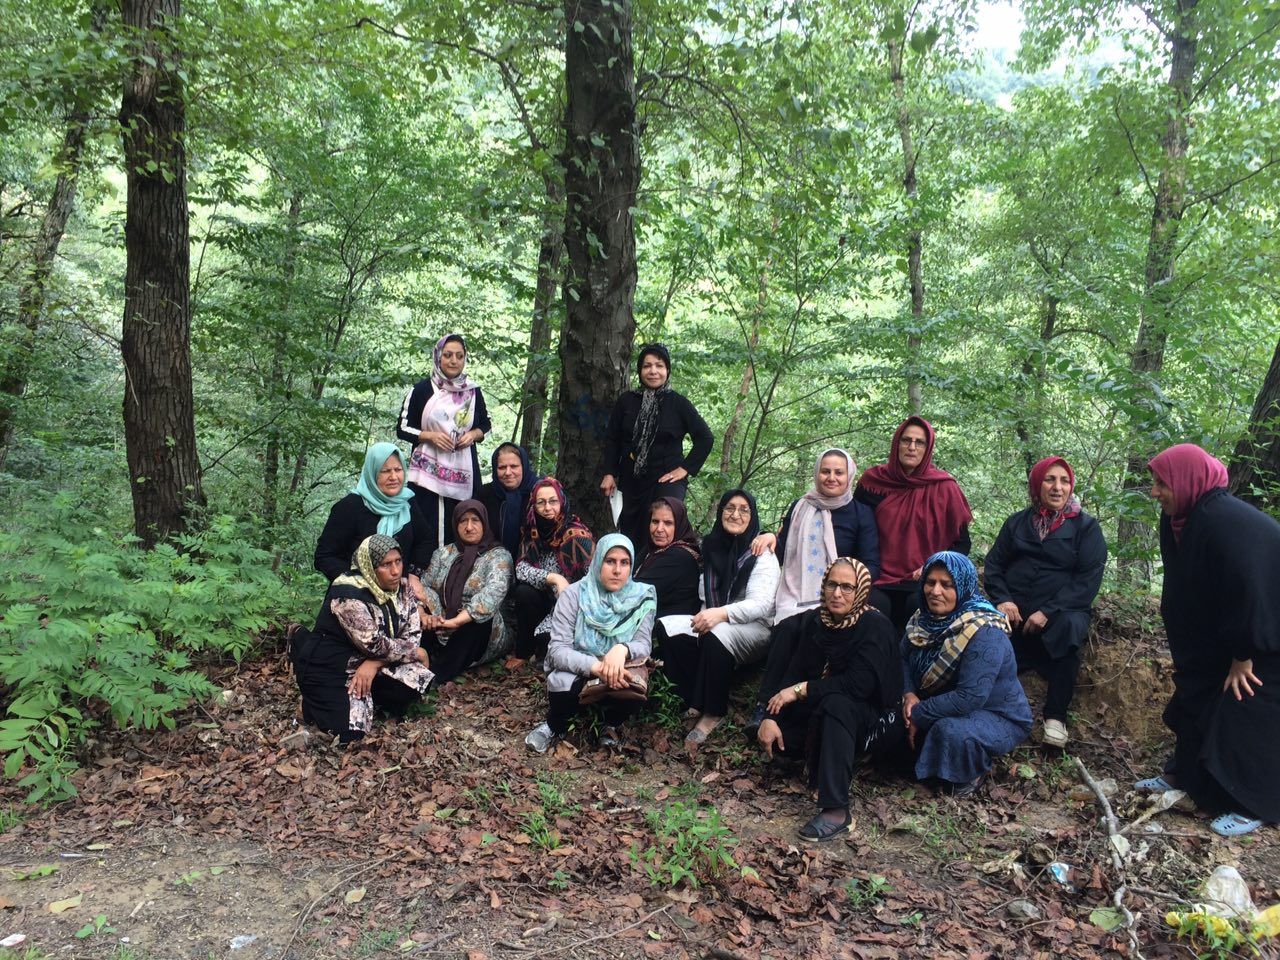 سفر طبیعت درمانی به جنگل های مازندران بابلکنار تابستان 1393